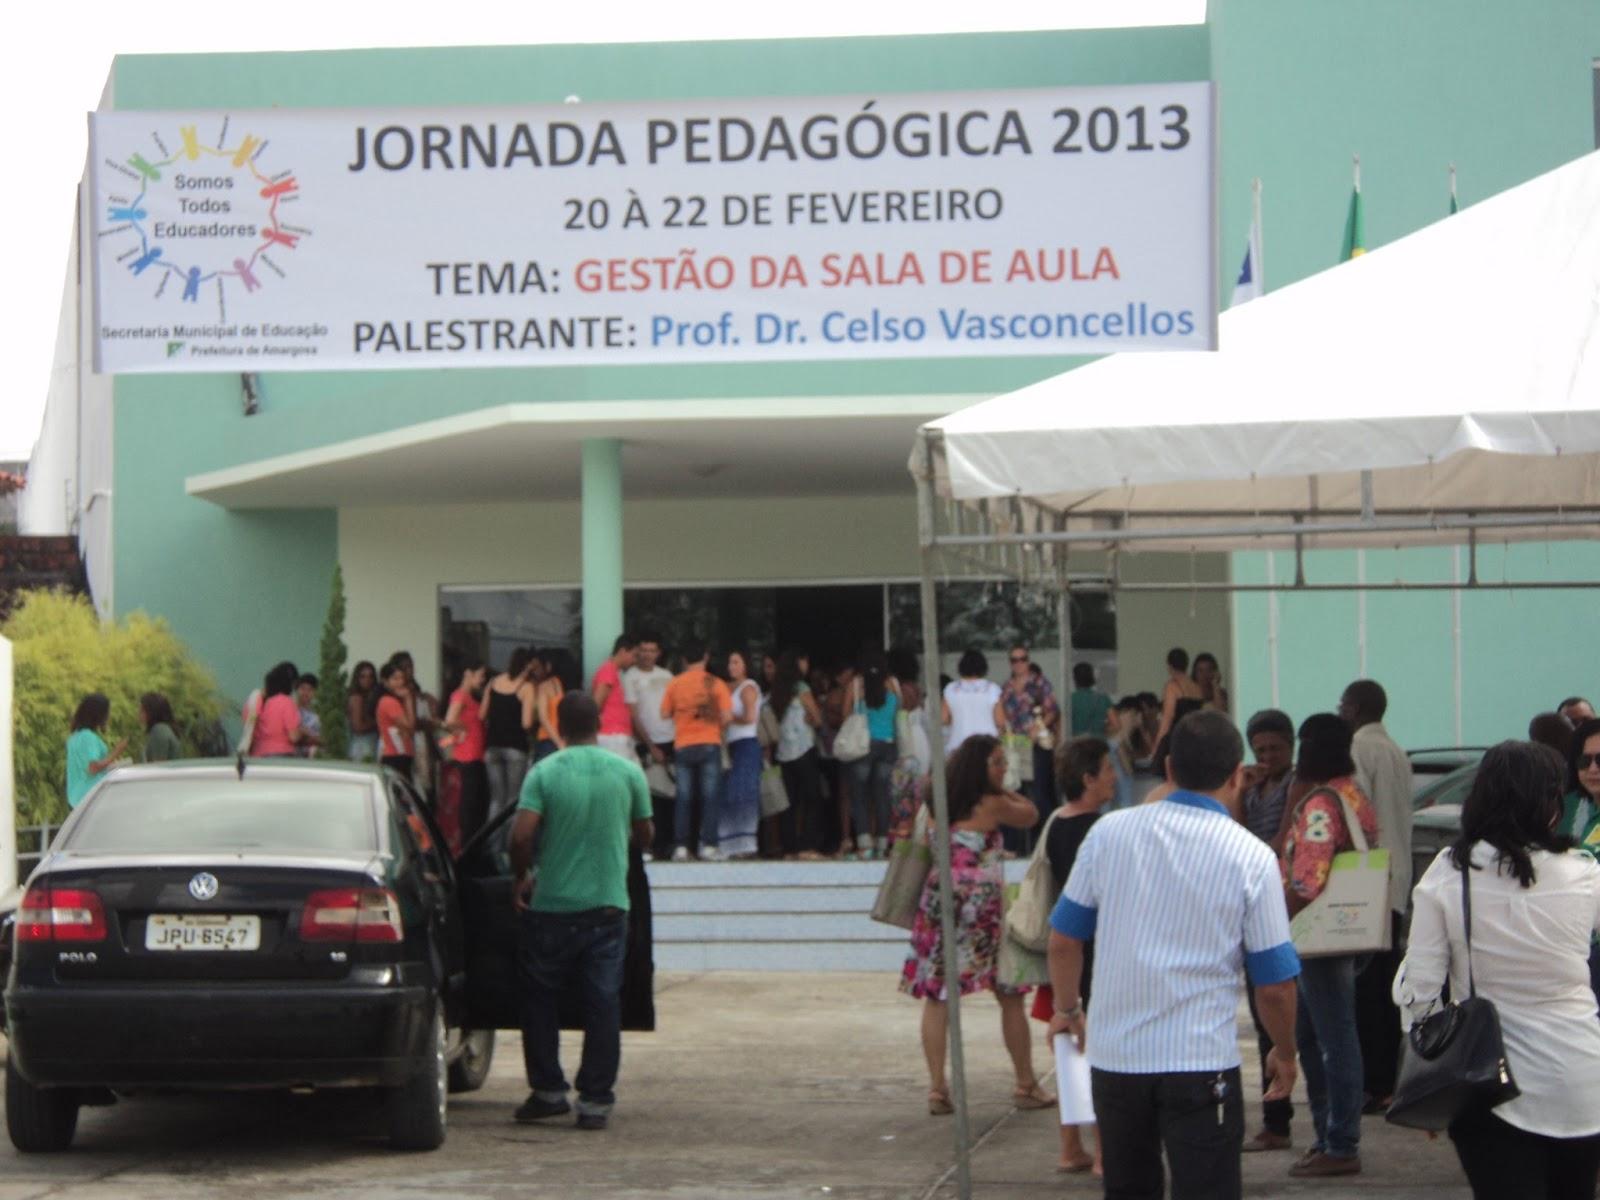 Começou hoje a jornada Pedagógica da Rede Municipal de Ensino